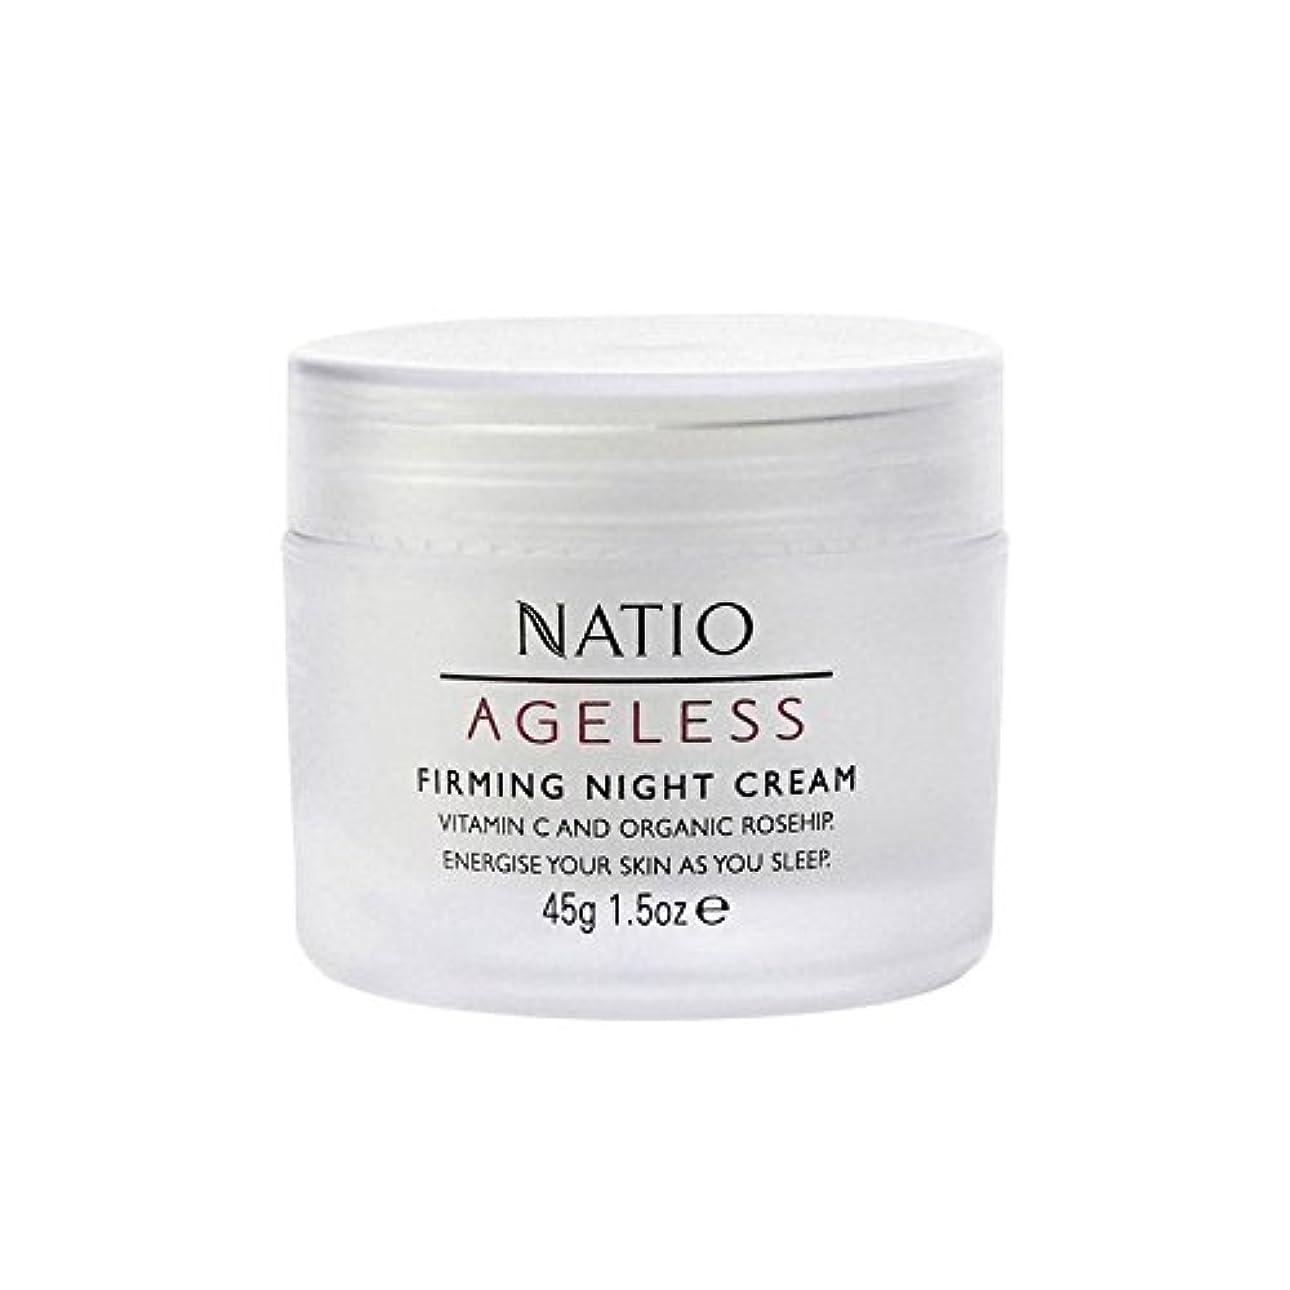 リング習慣コイル永遠ファーミングナイトクリーム(45グラム) x2 - Natio Ageless Firming Night Cream (45G) (Pack of 2) [並行輸入品]